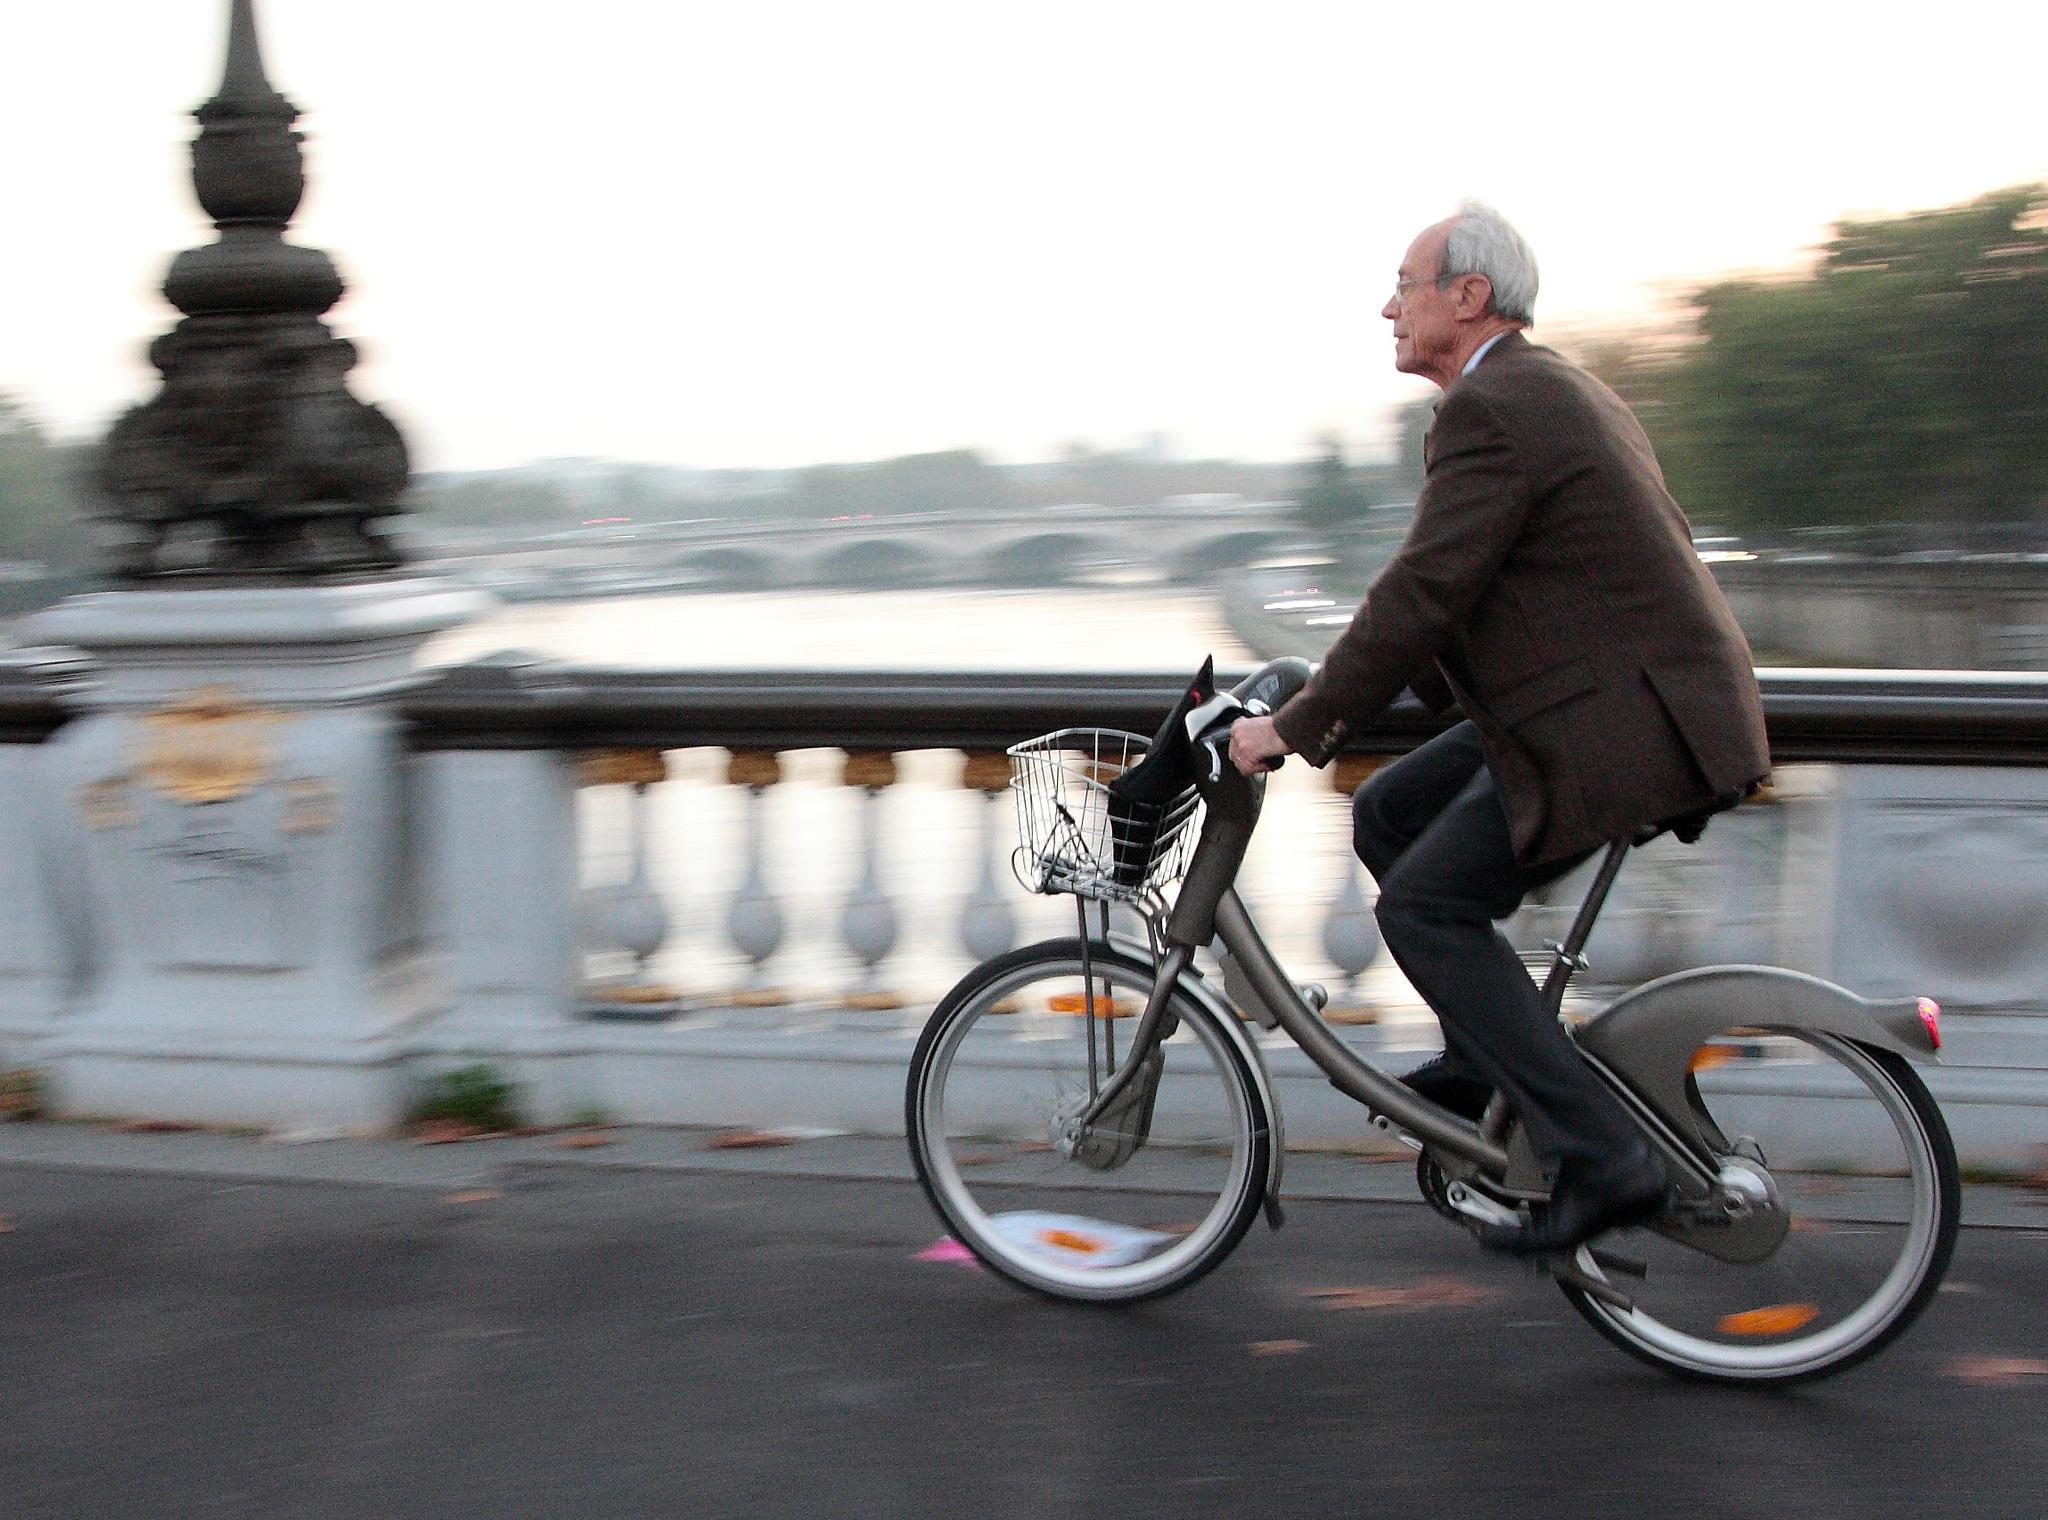 Man riding a Velib bike in Paris